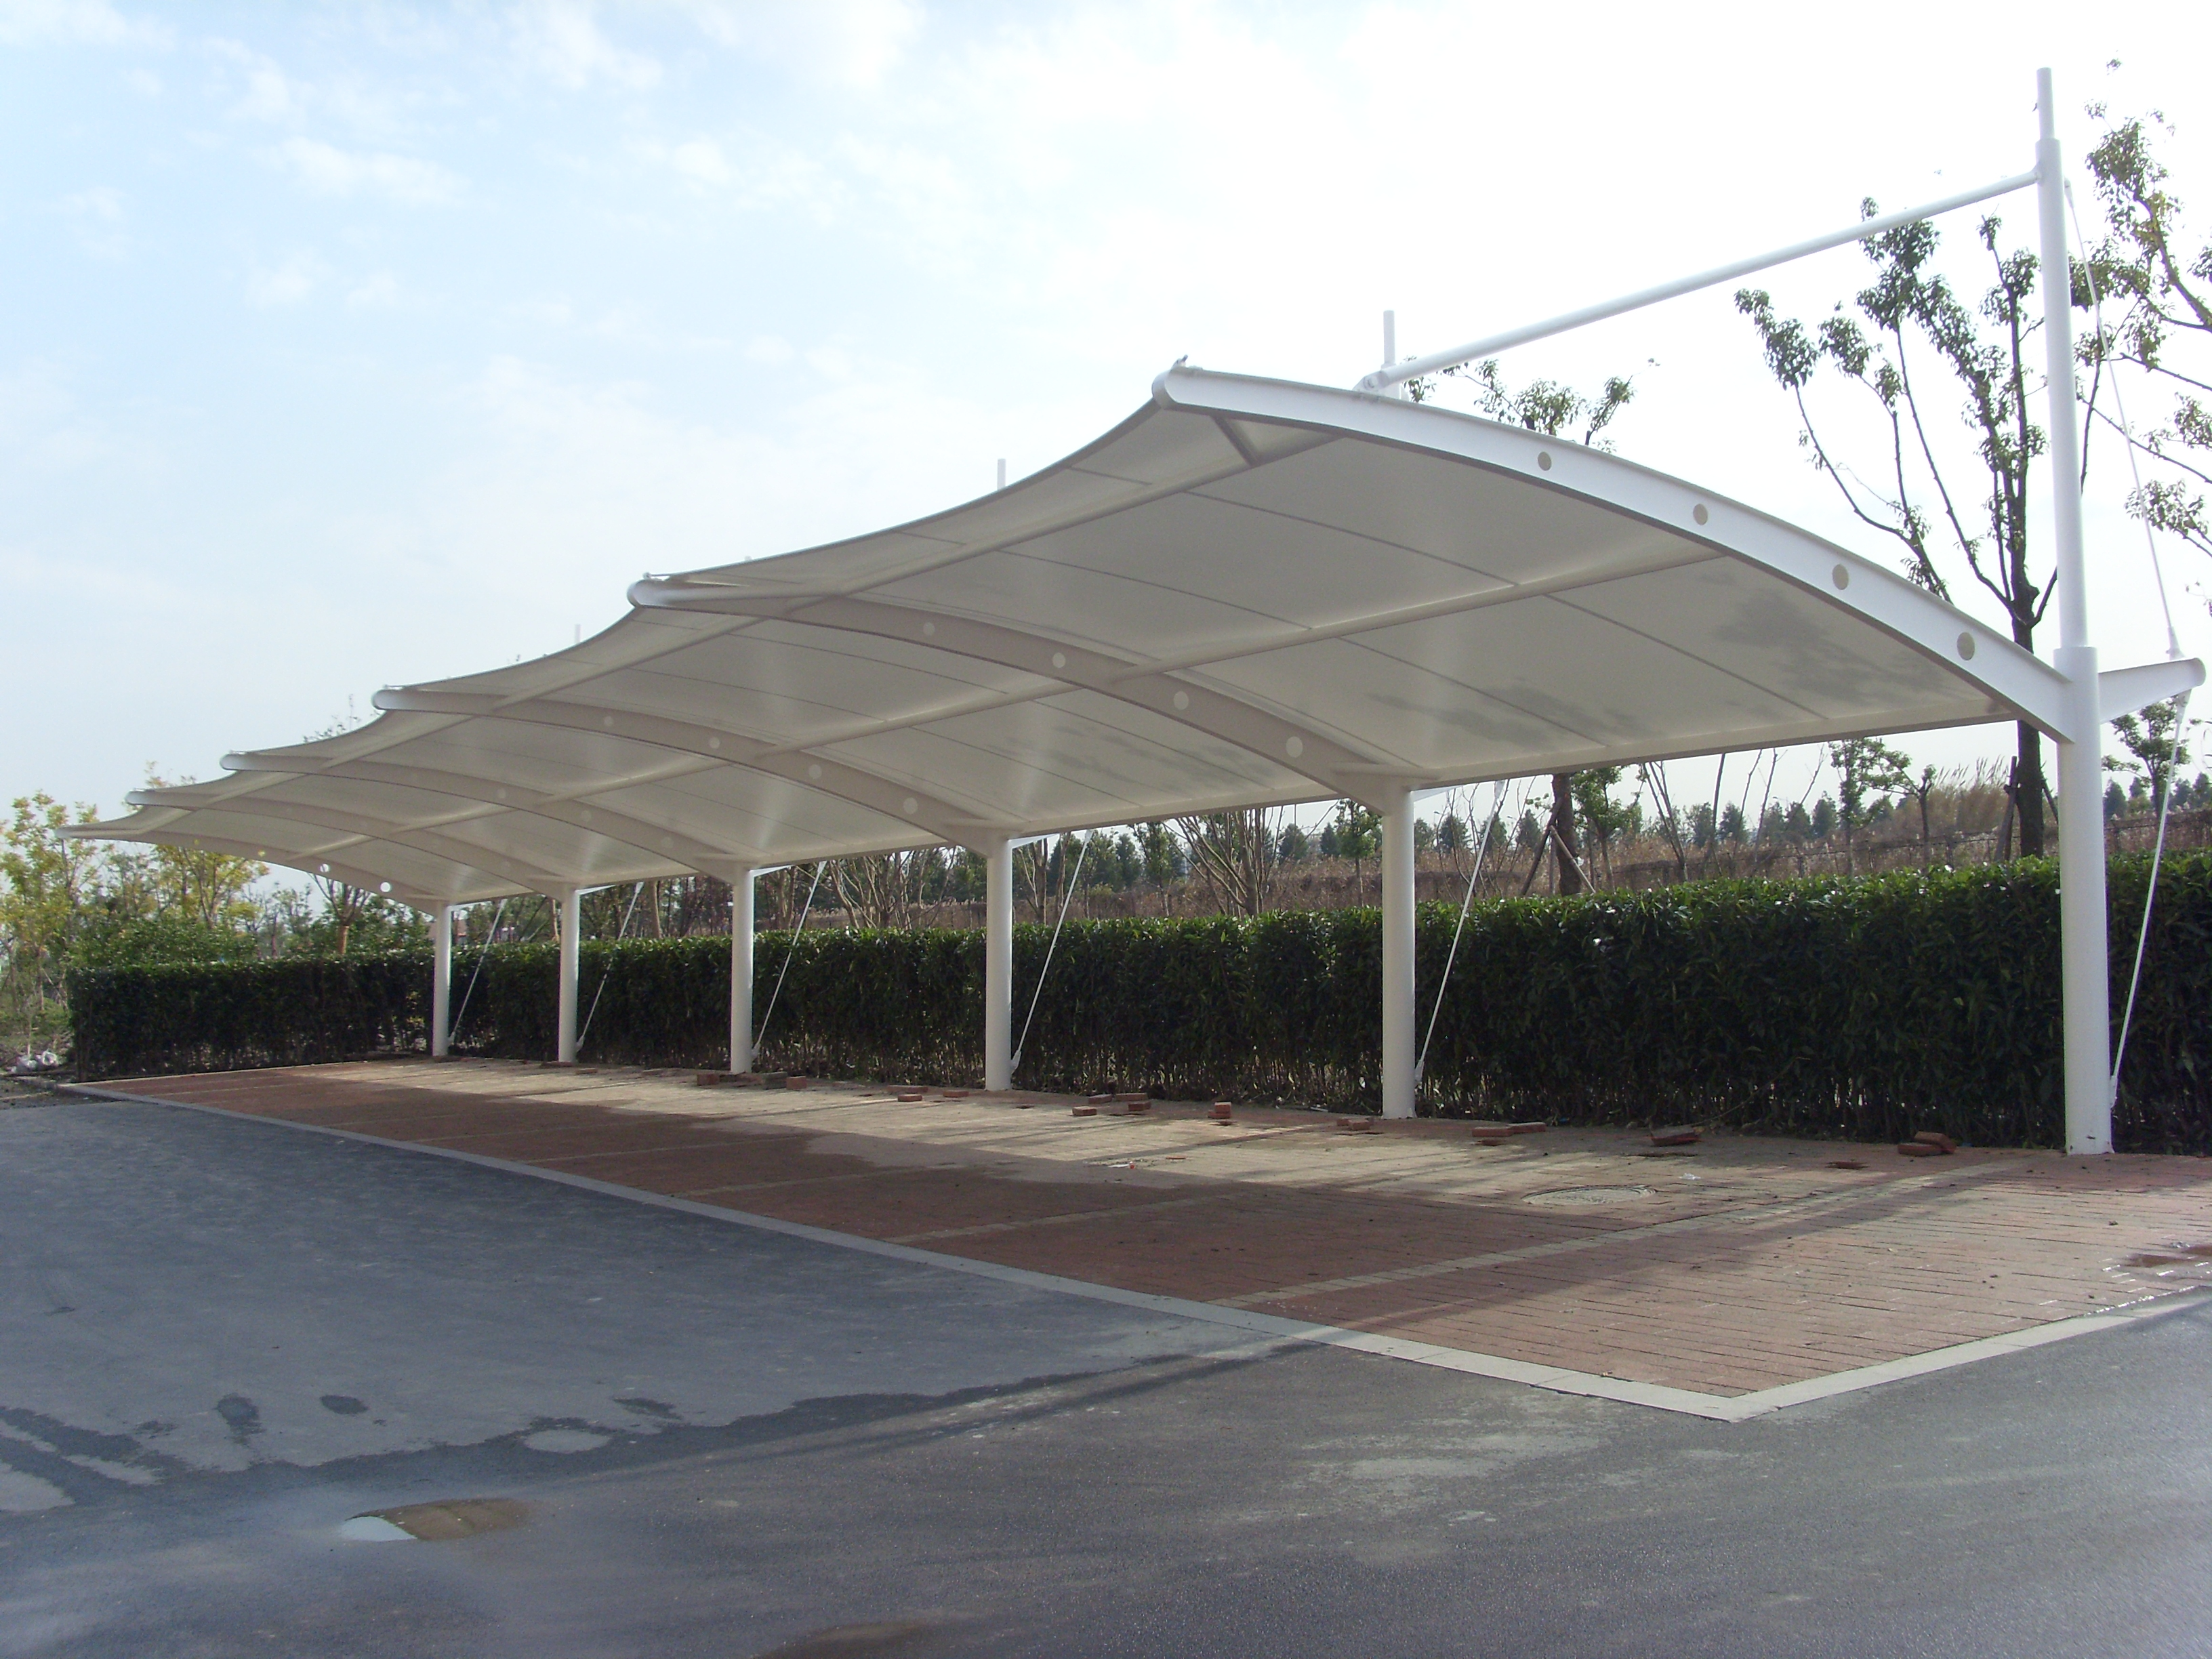 车棚 膜结构车棚 张拉膜车棚 景观车棚车棚分类 119.JPG